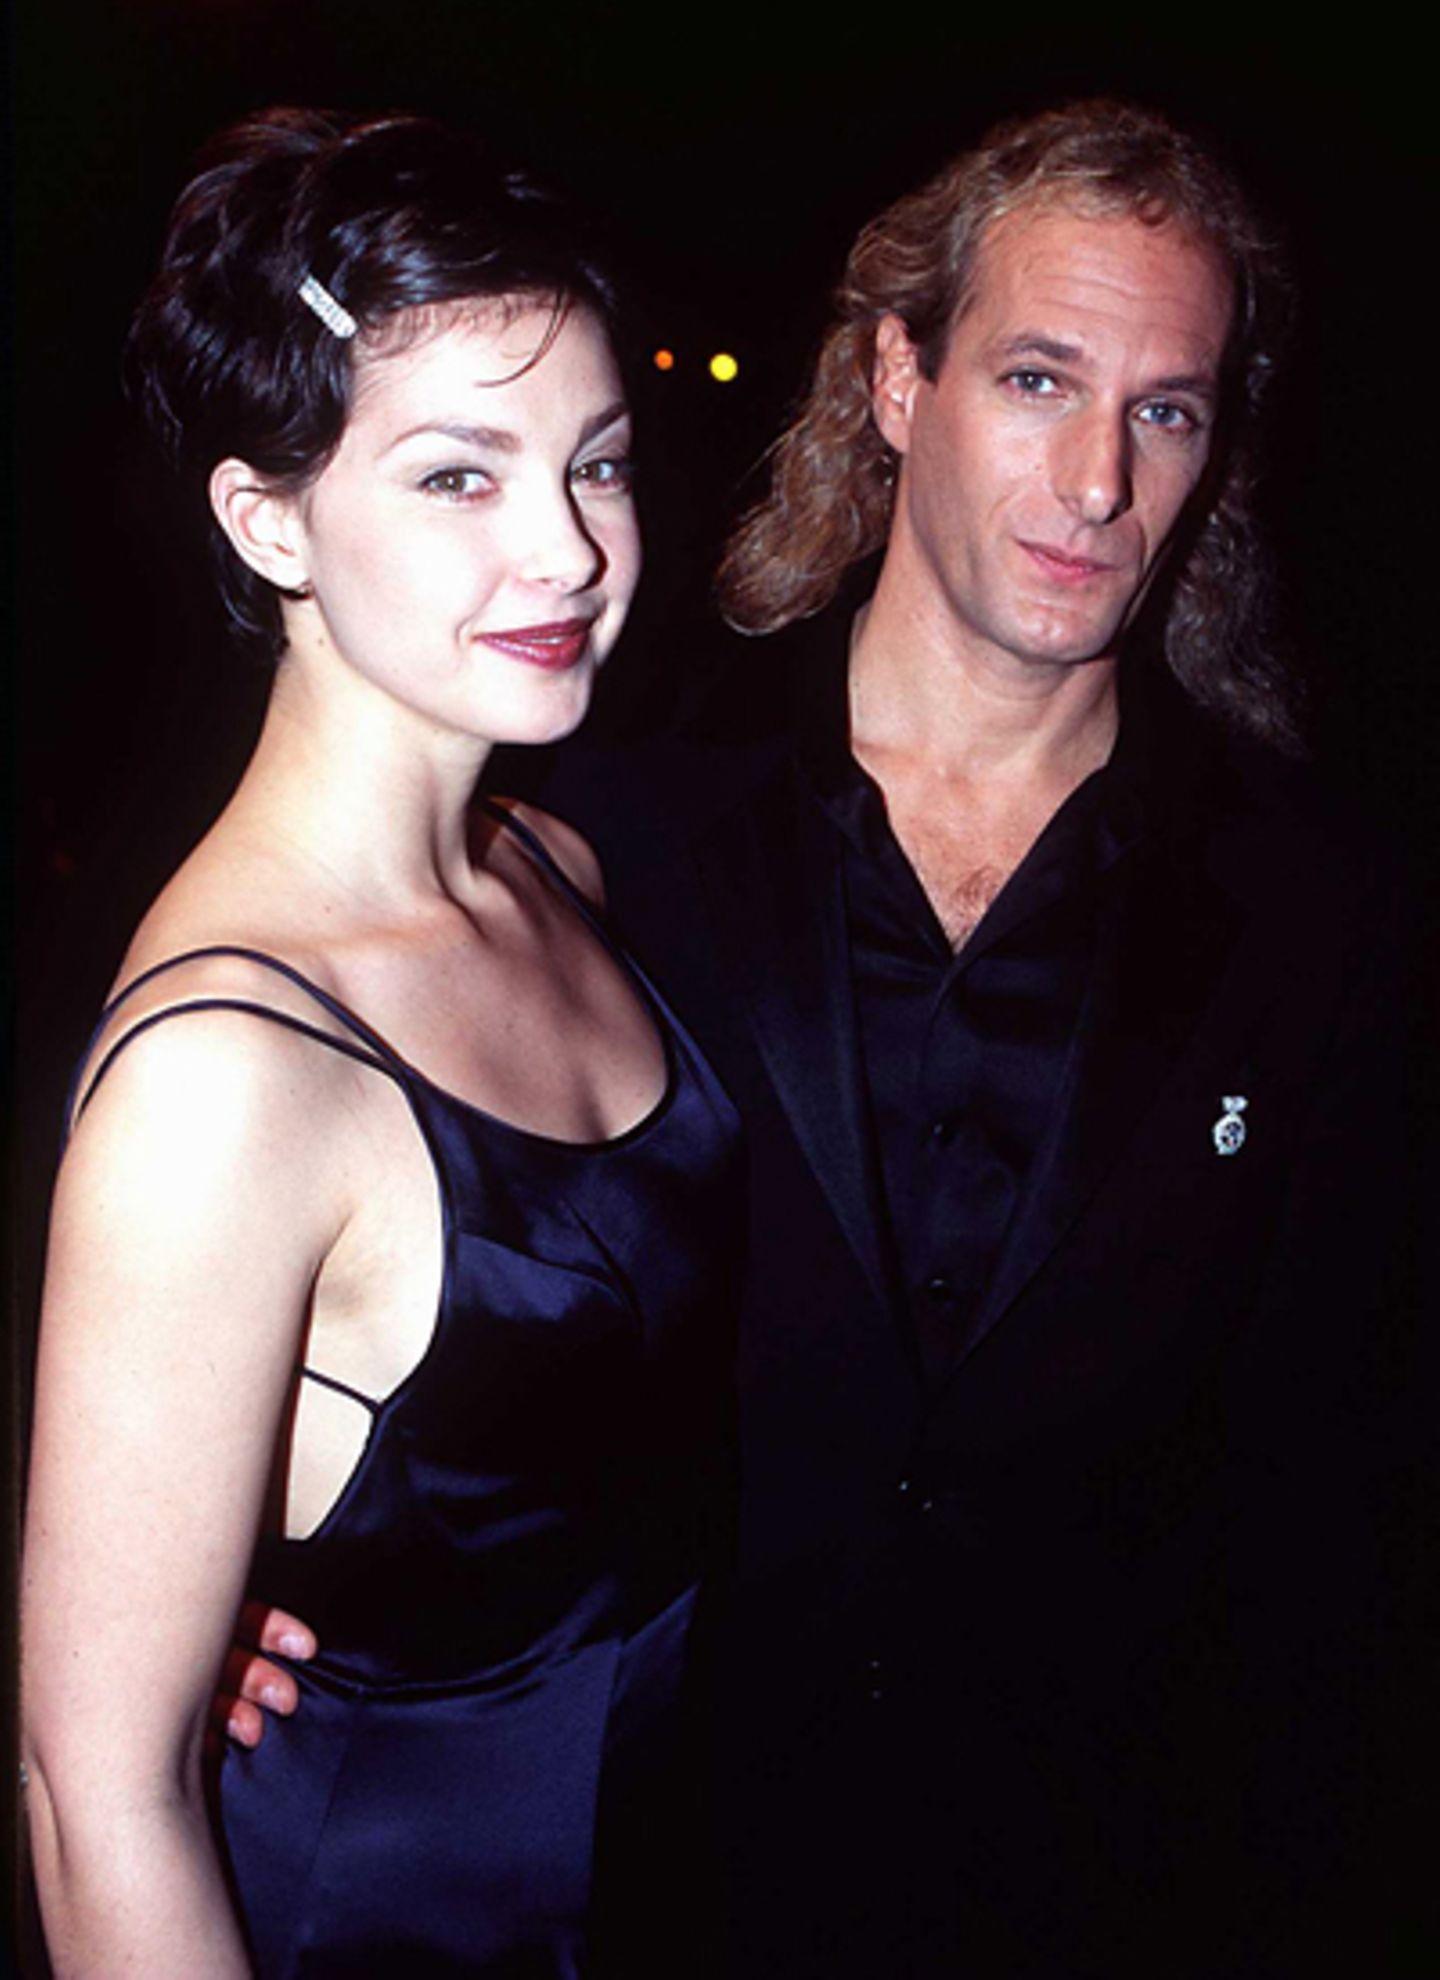 Ashley Judd and Michael Bolton: Die weiblichen Fans sind damals geschockt, als sich Michael Bolton Hals über Kopf in die amerika